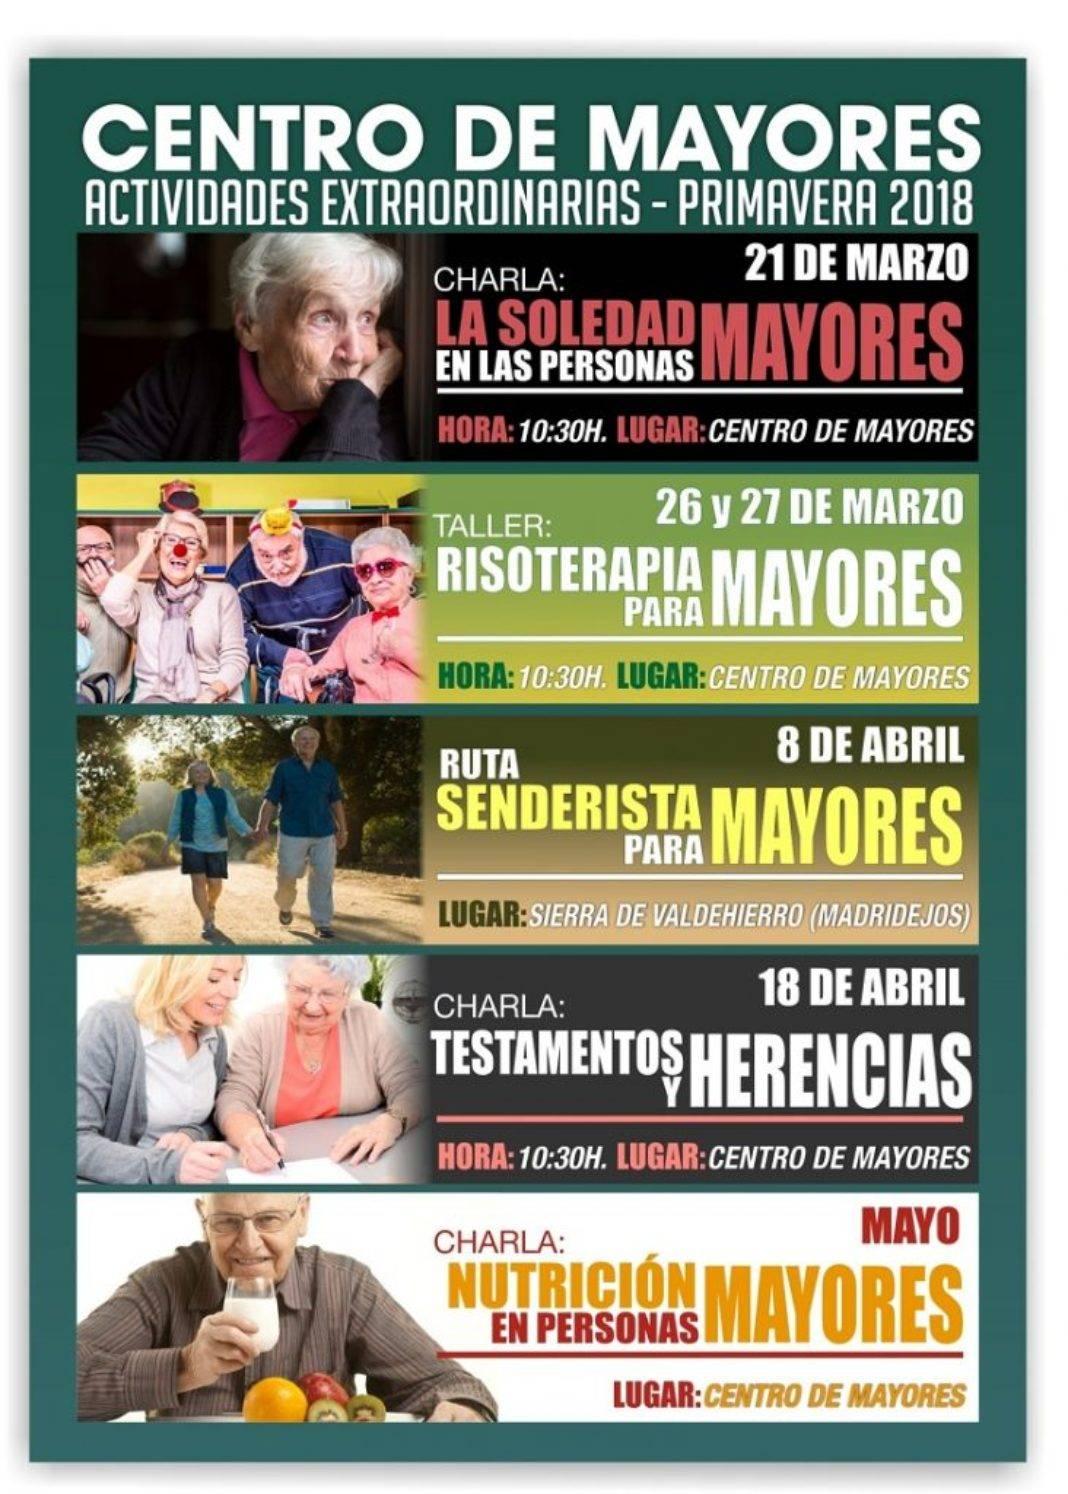 Nueva imagen 732x1024 1068x1494 - El Centro de Mayores organiza nuevas actividades para primavera